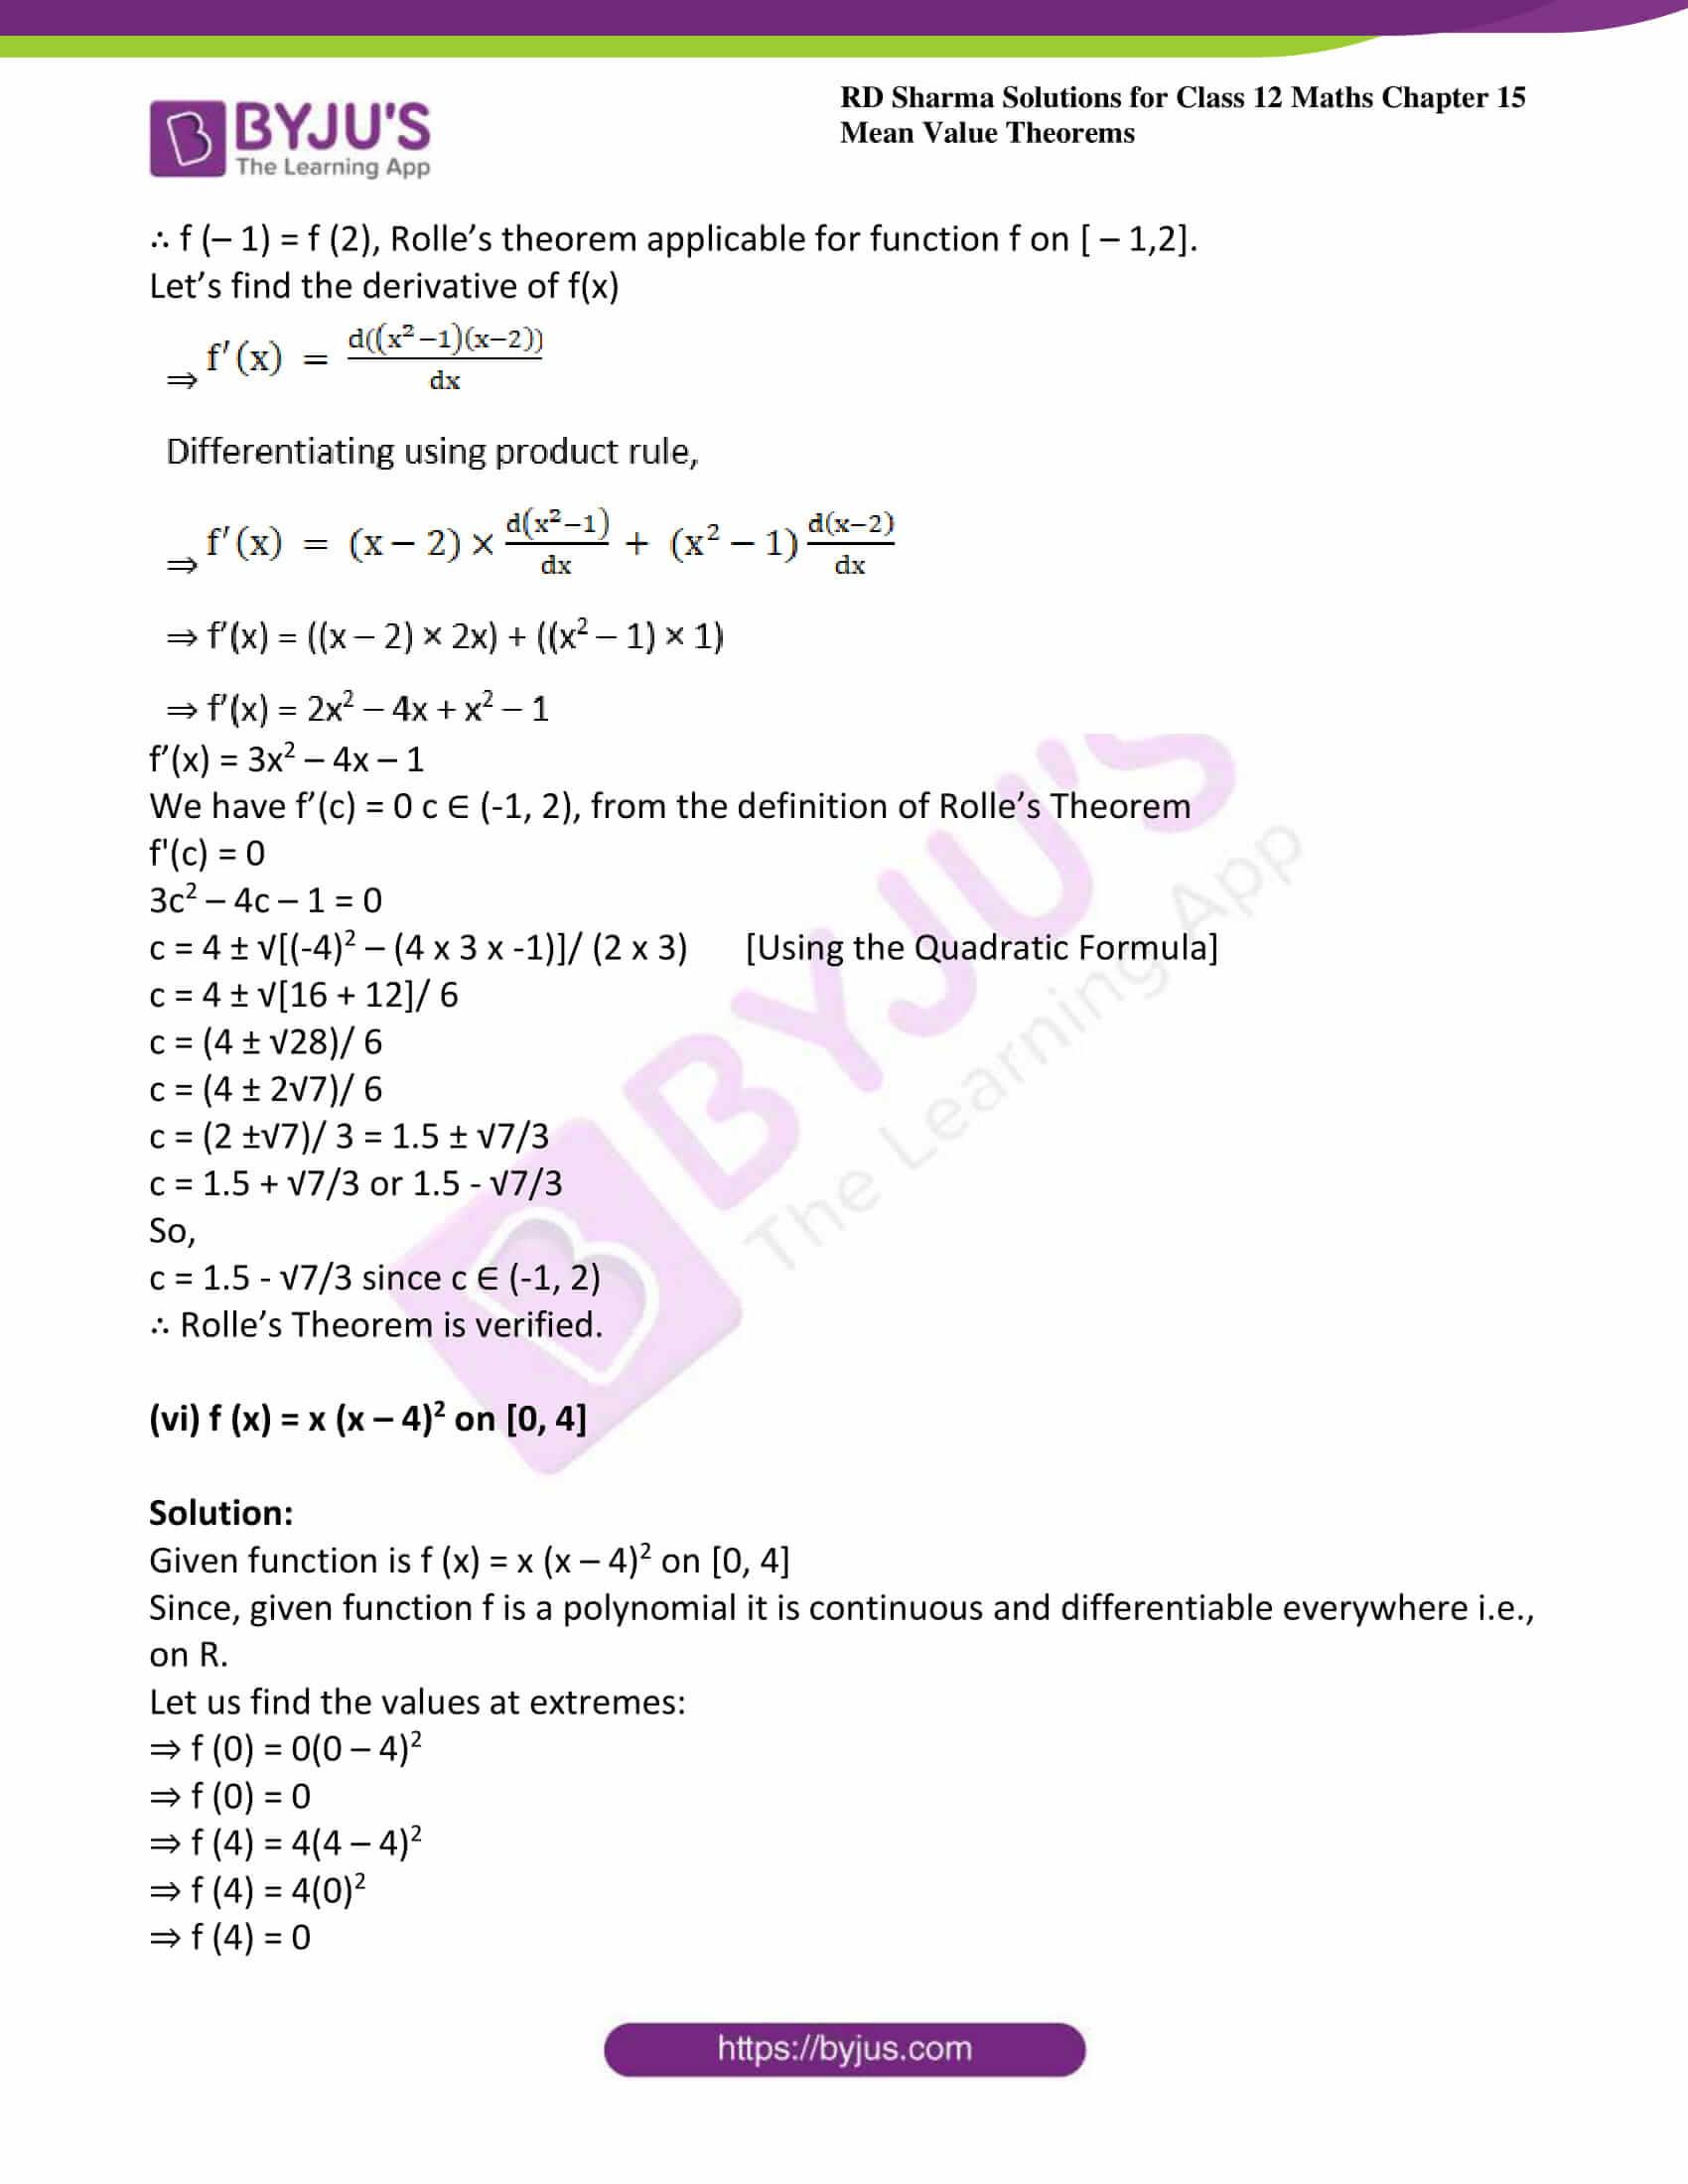 rd sharma class 12 maths solutions chapter 15 ex 1 11